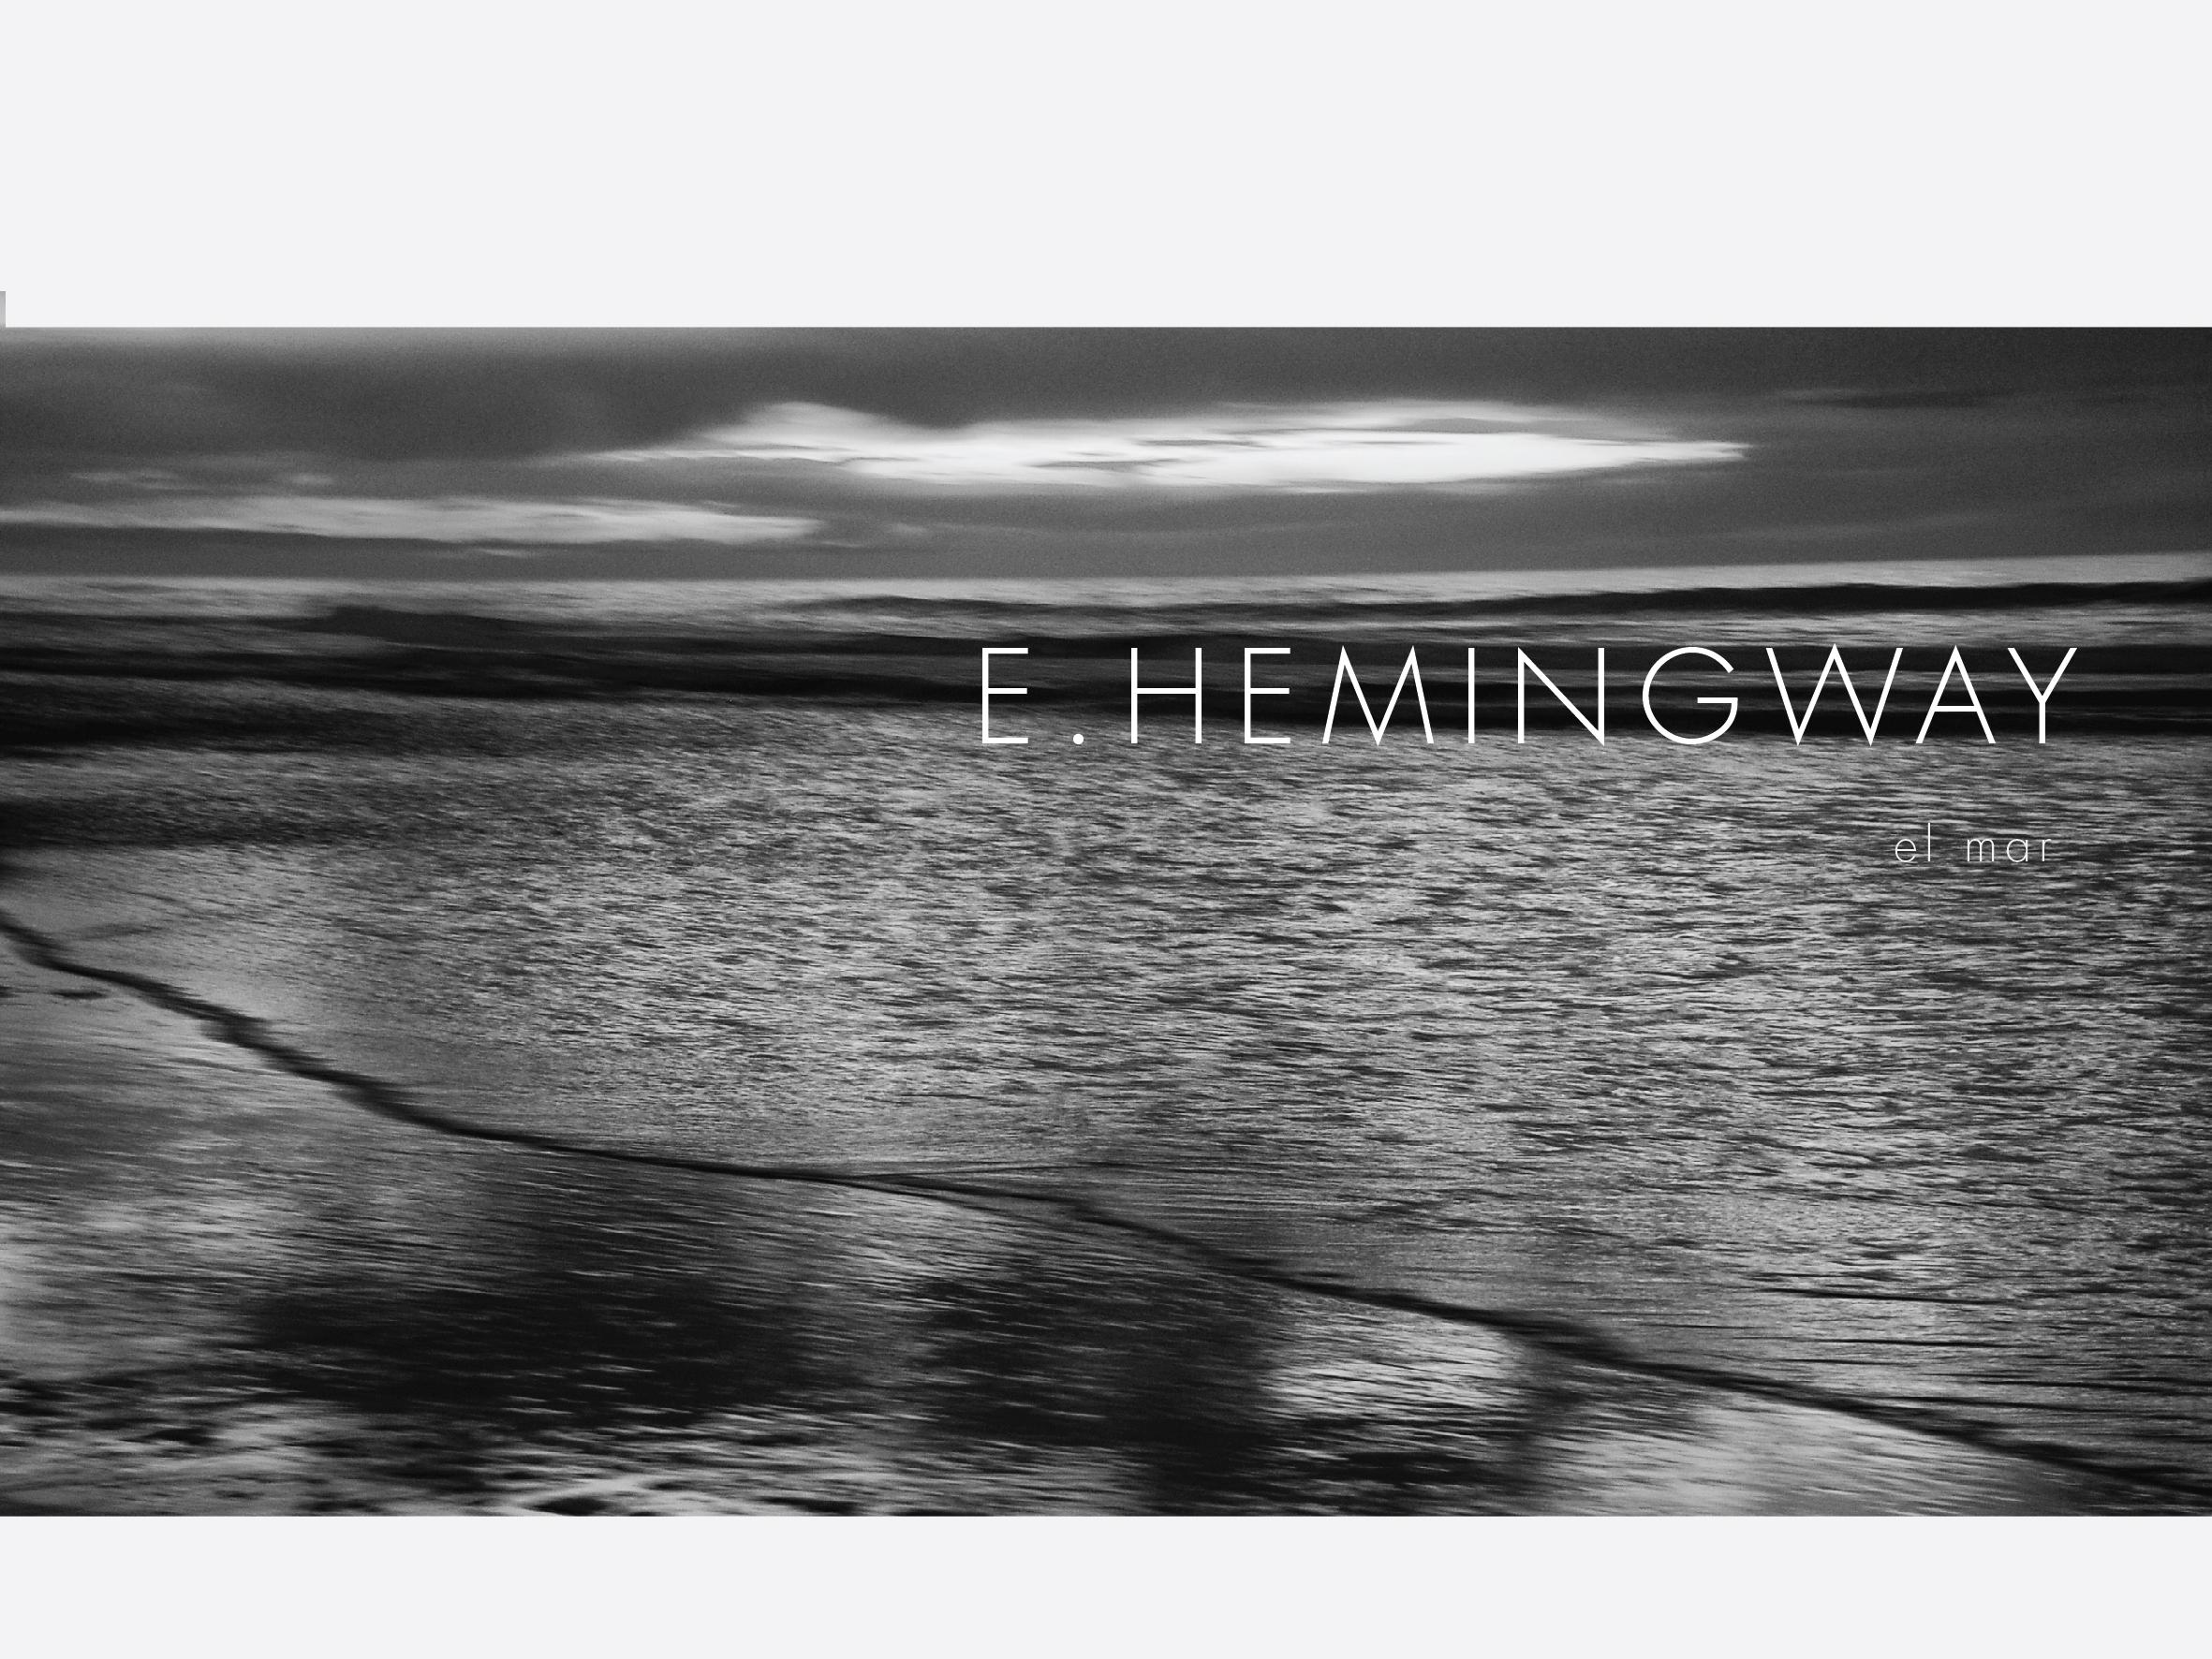 EHemingway02-enero2018-05.jpg